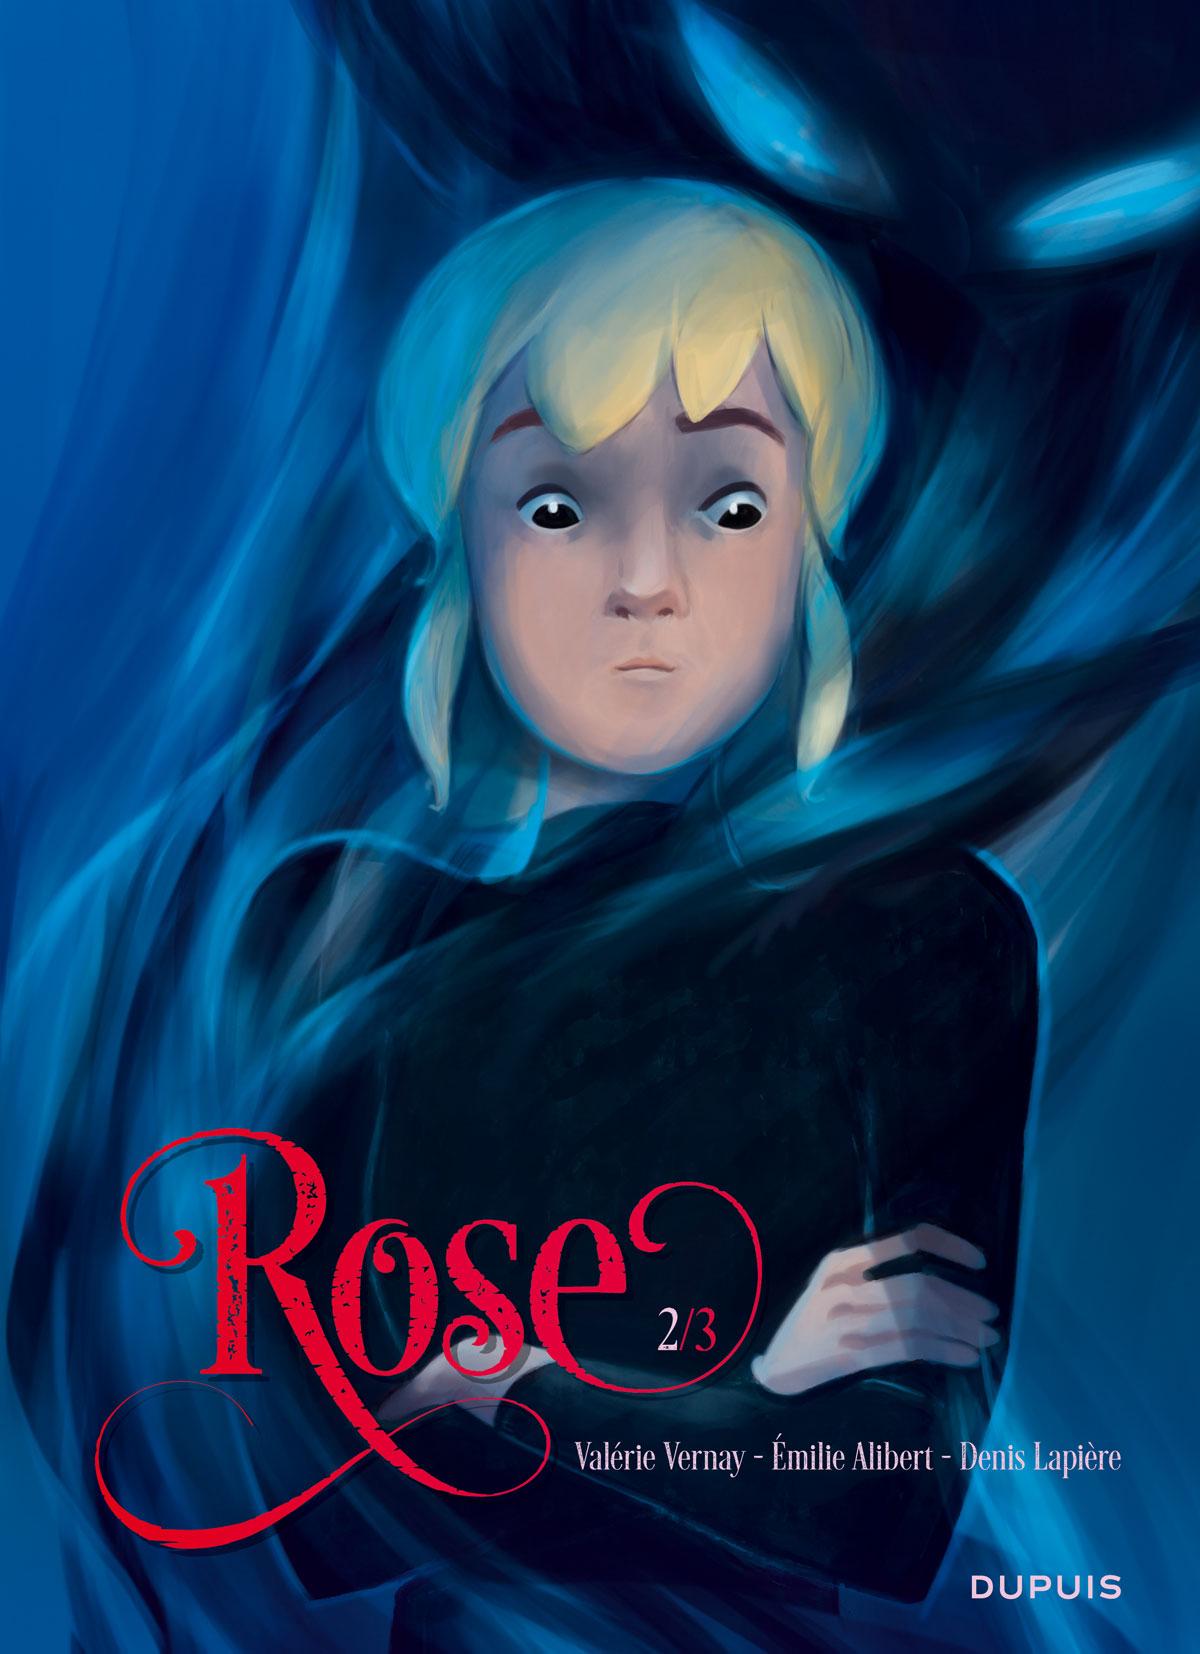 Couverture Rose T2, sortie septembre 2017